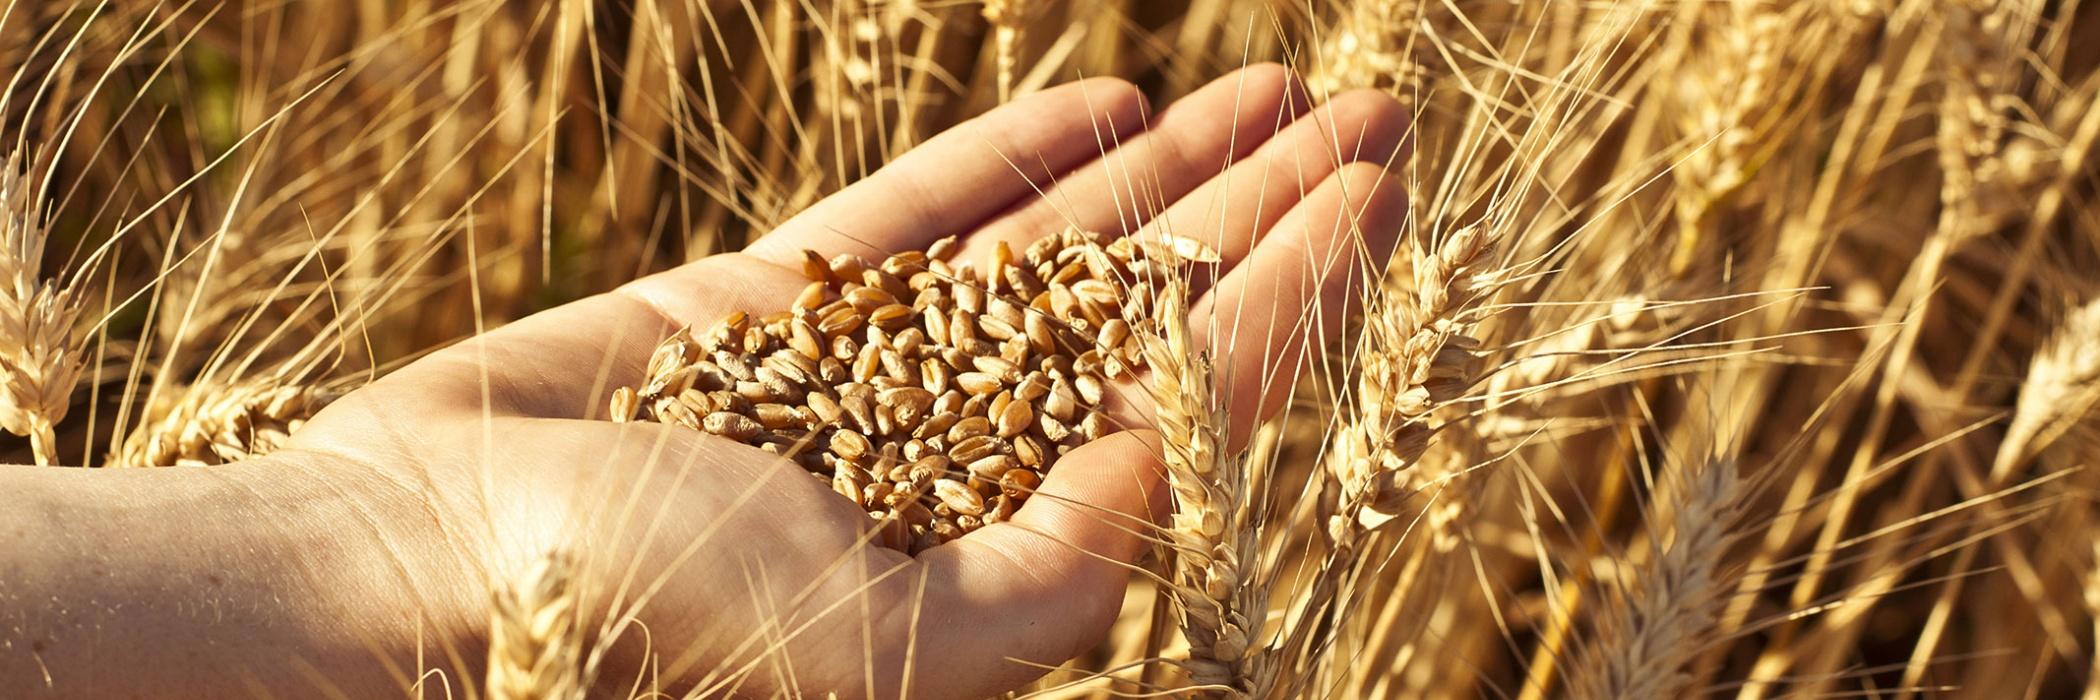 mano tra il grano